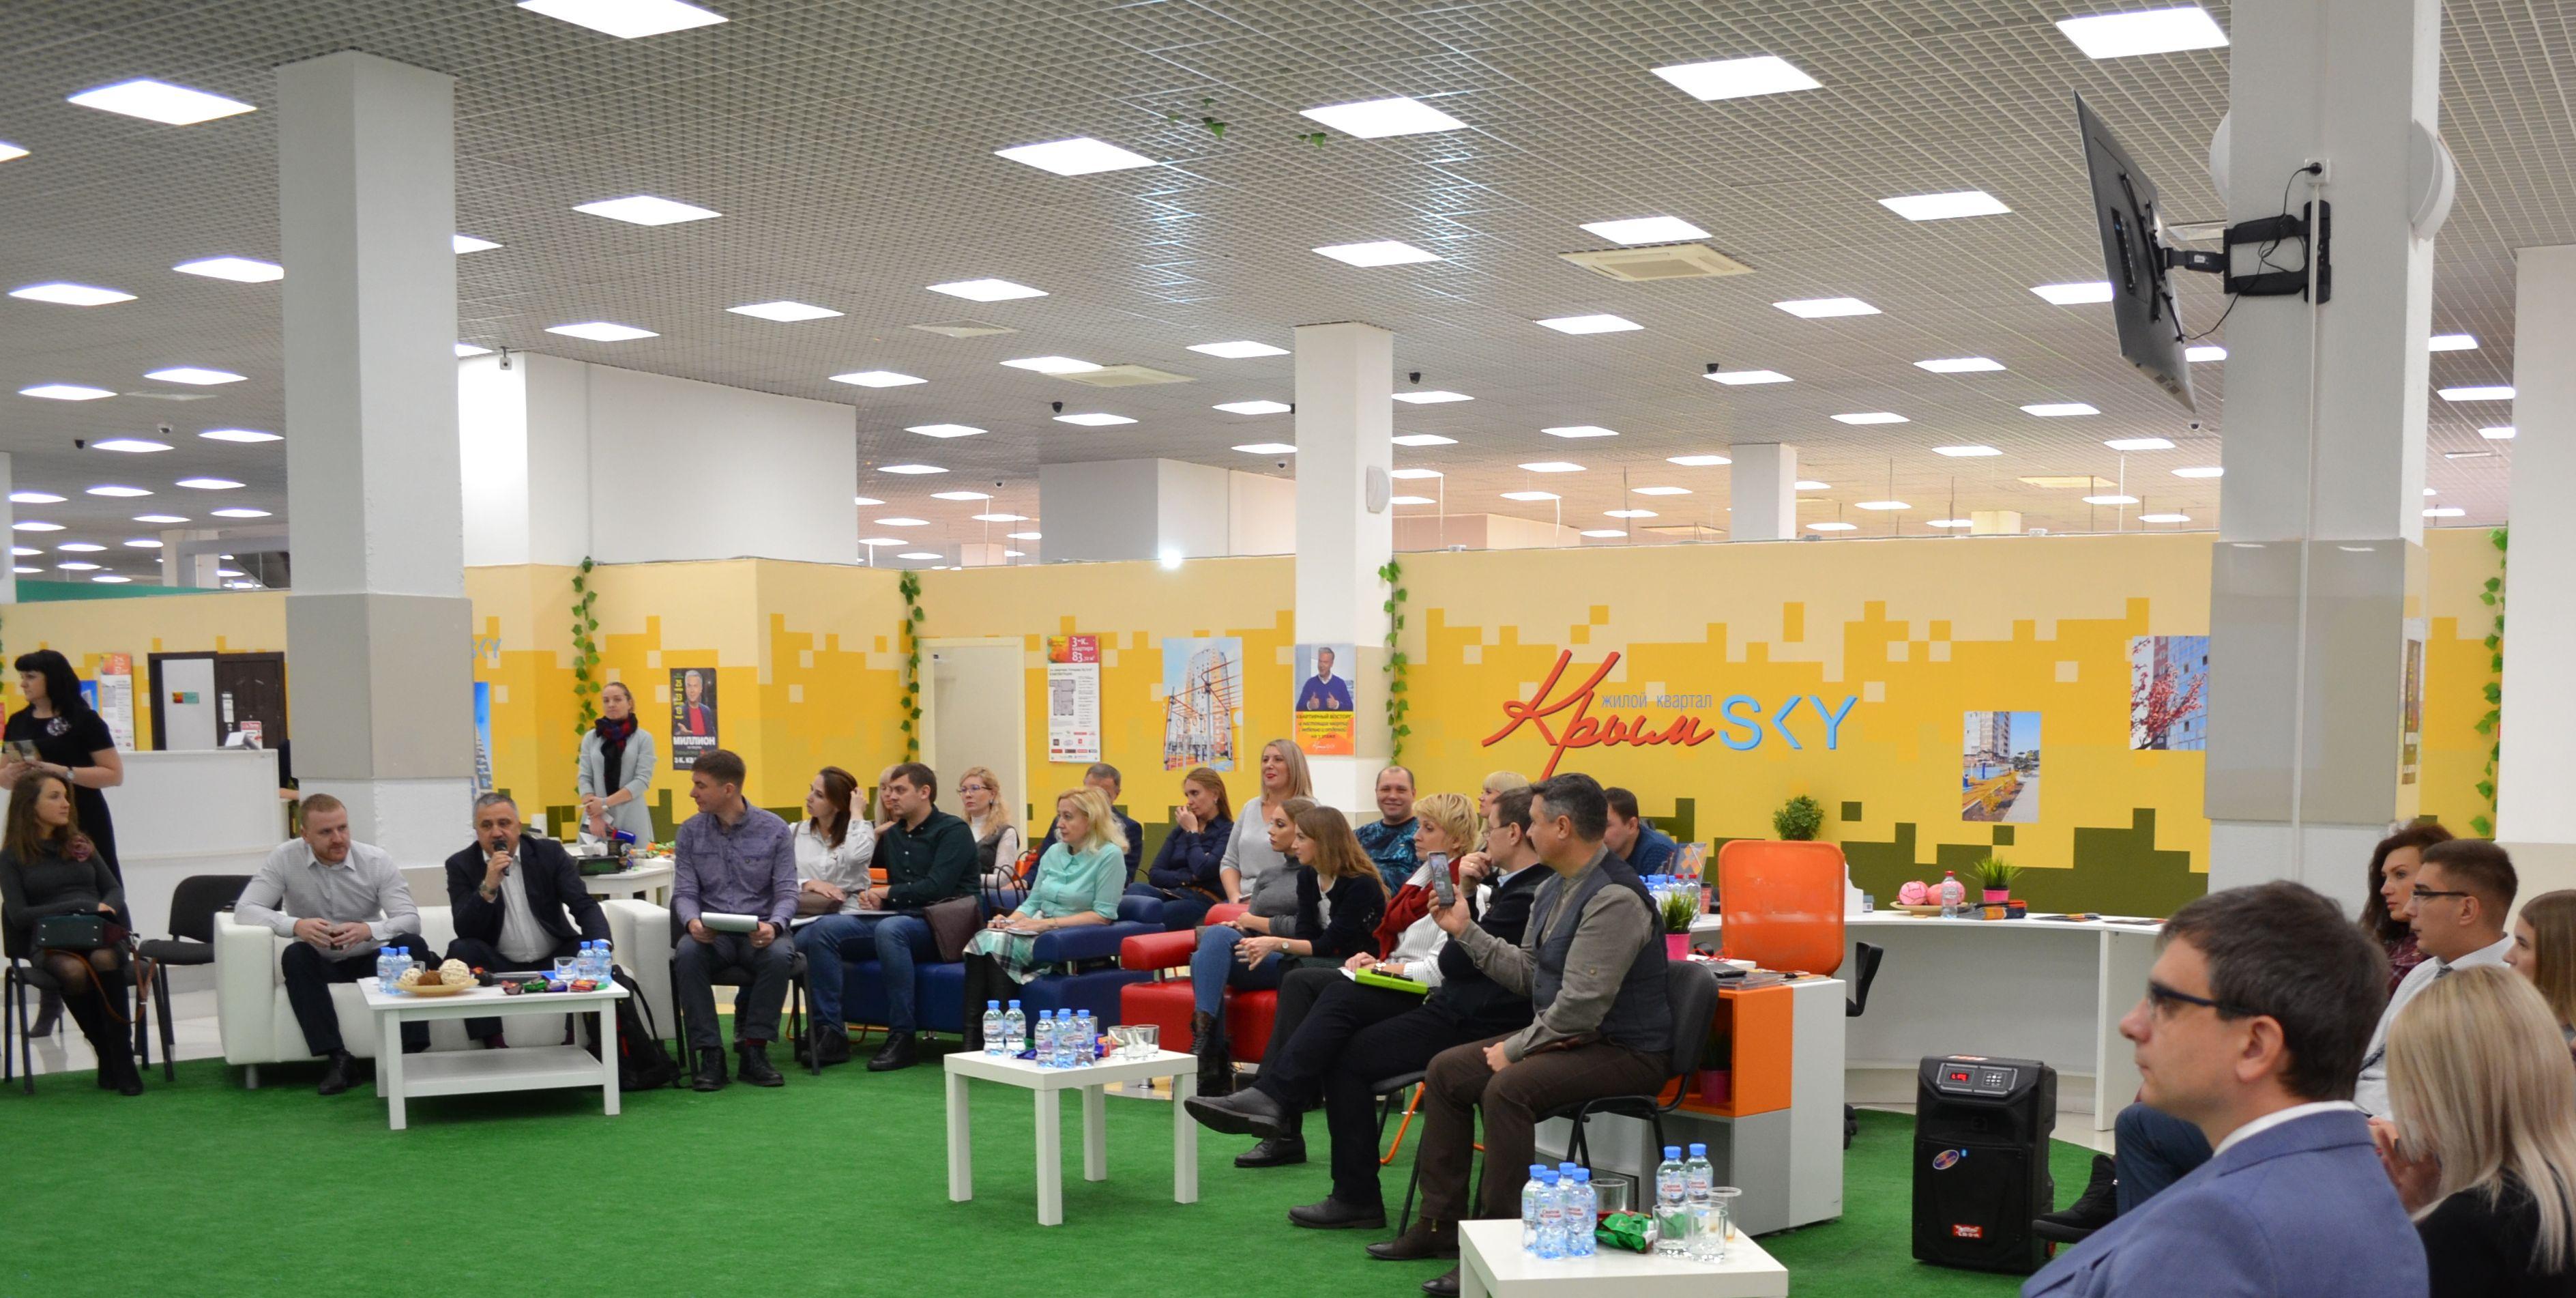 Использование данных социологических исследований для рынка новостроек обсудили участники круглого стола дискуссионной площадки SKY GROUP